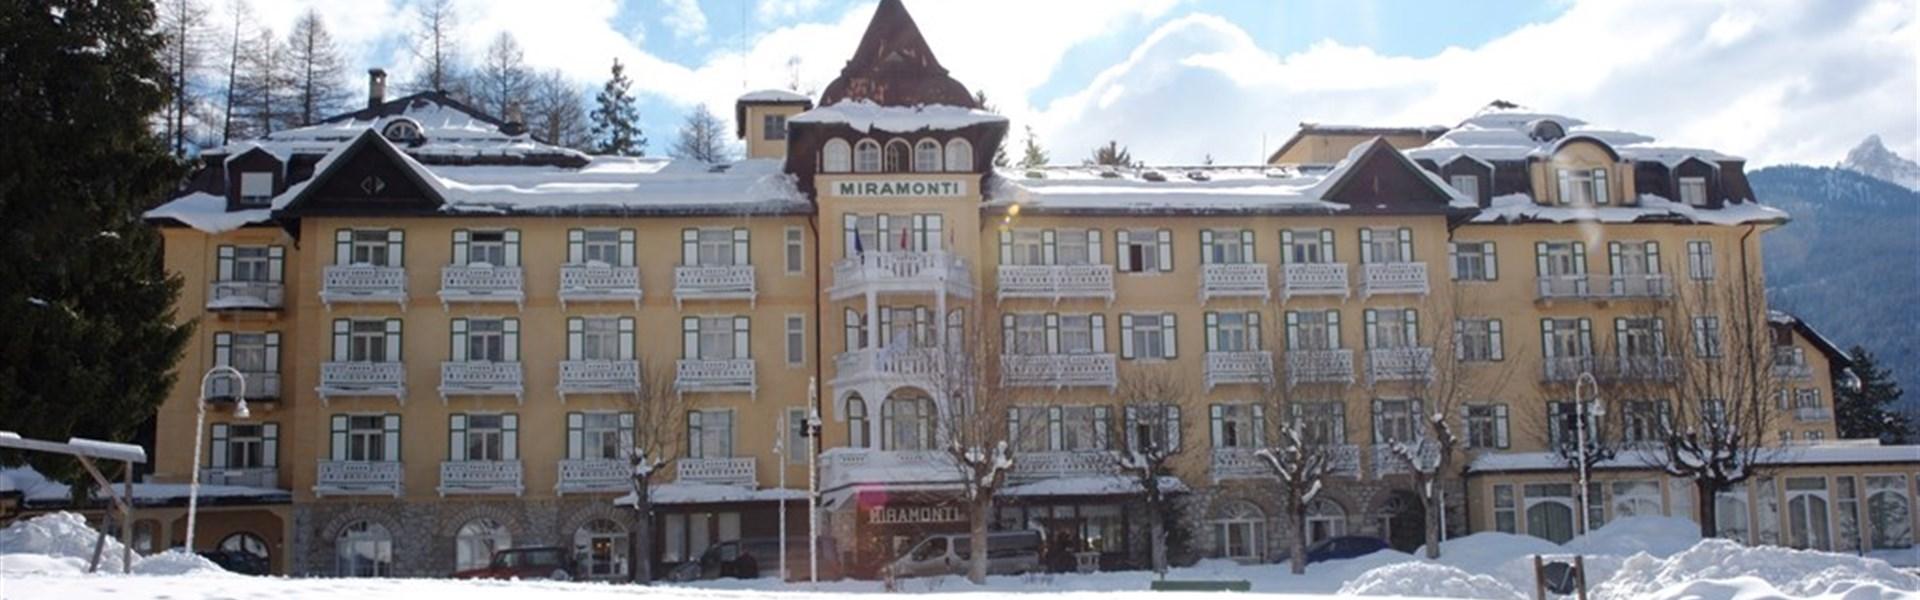 Marco Polo - Grand Hotel Miramonti Majestic -